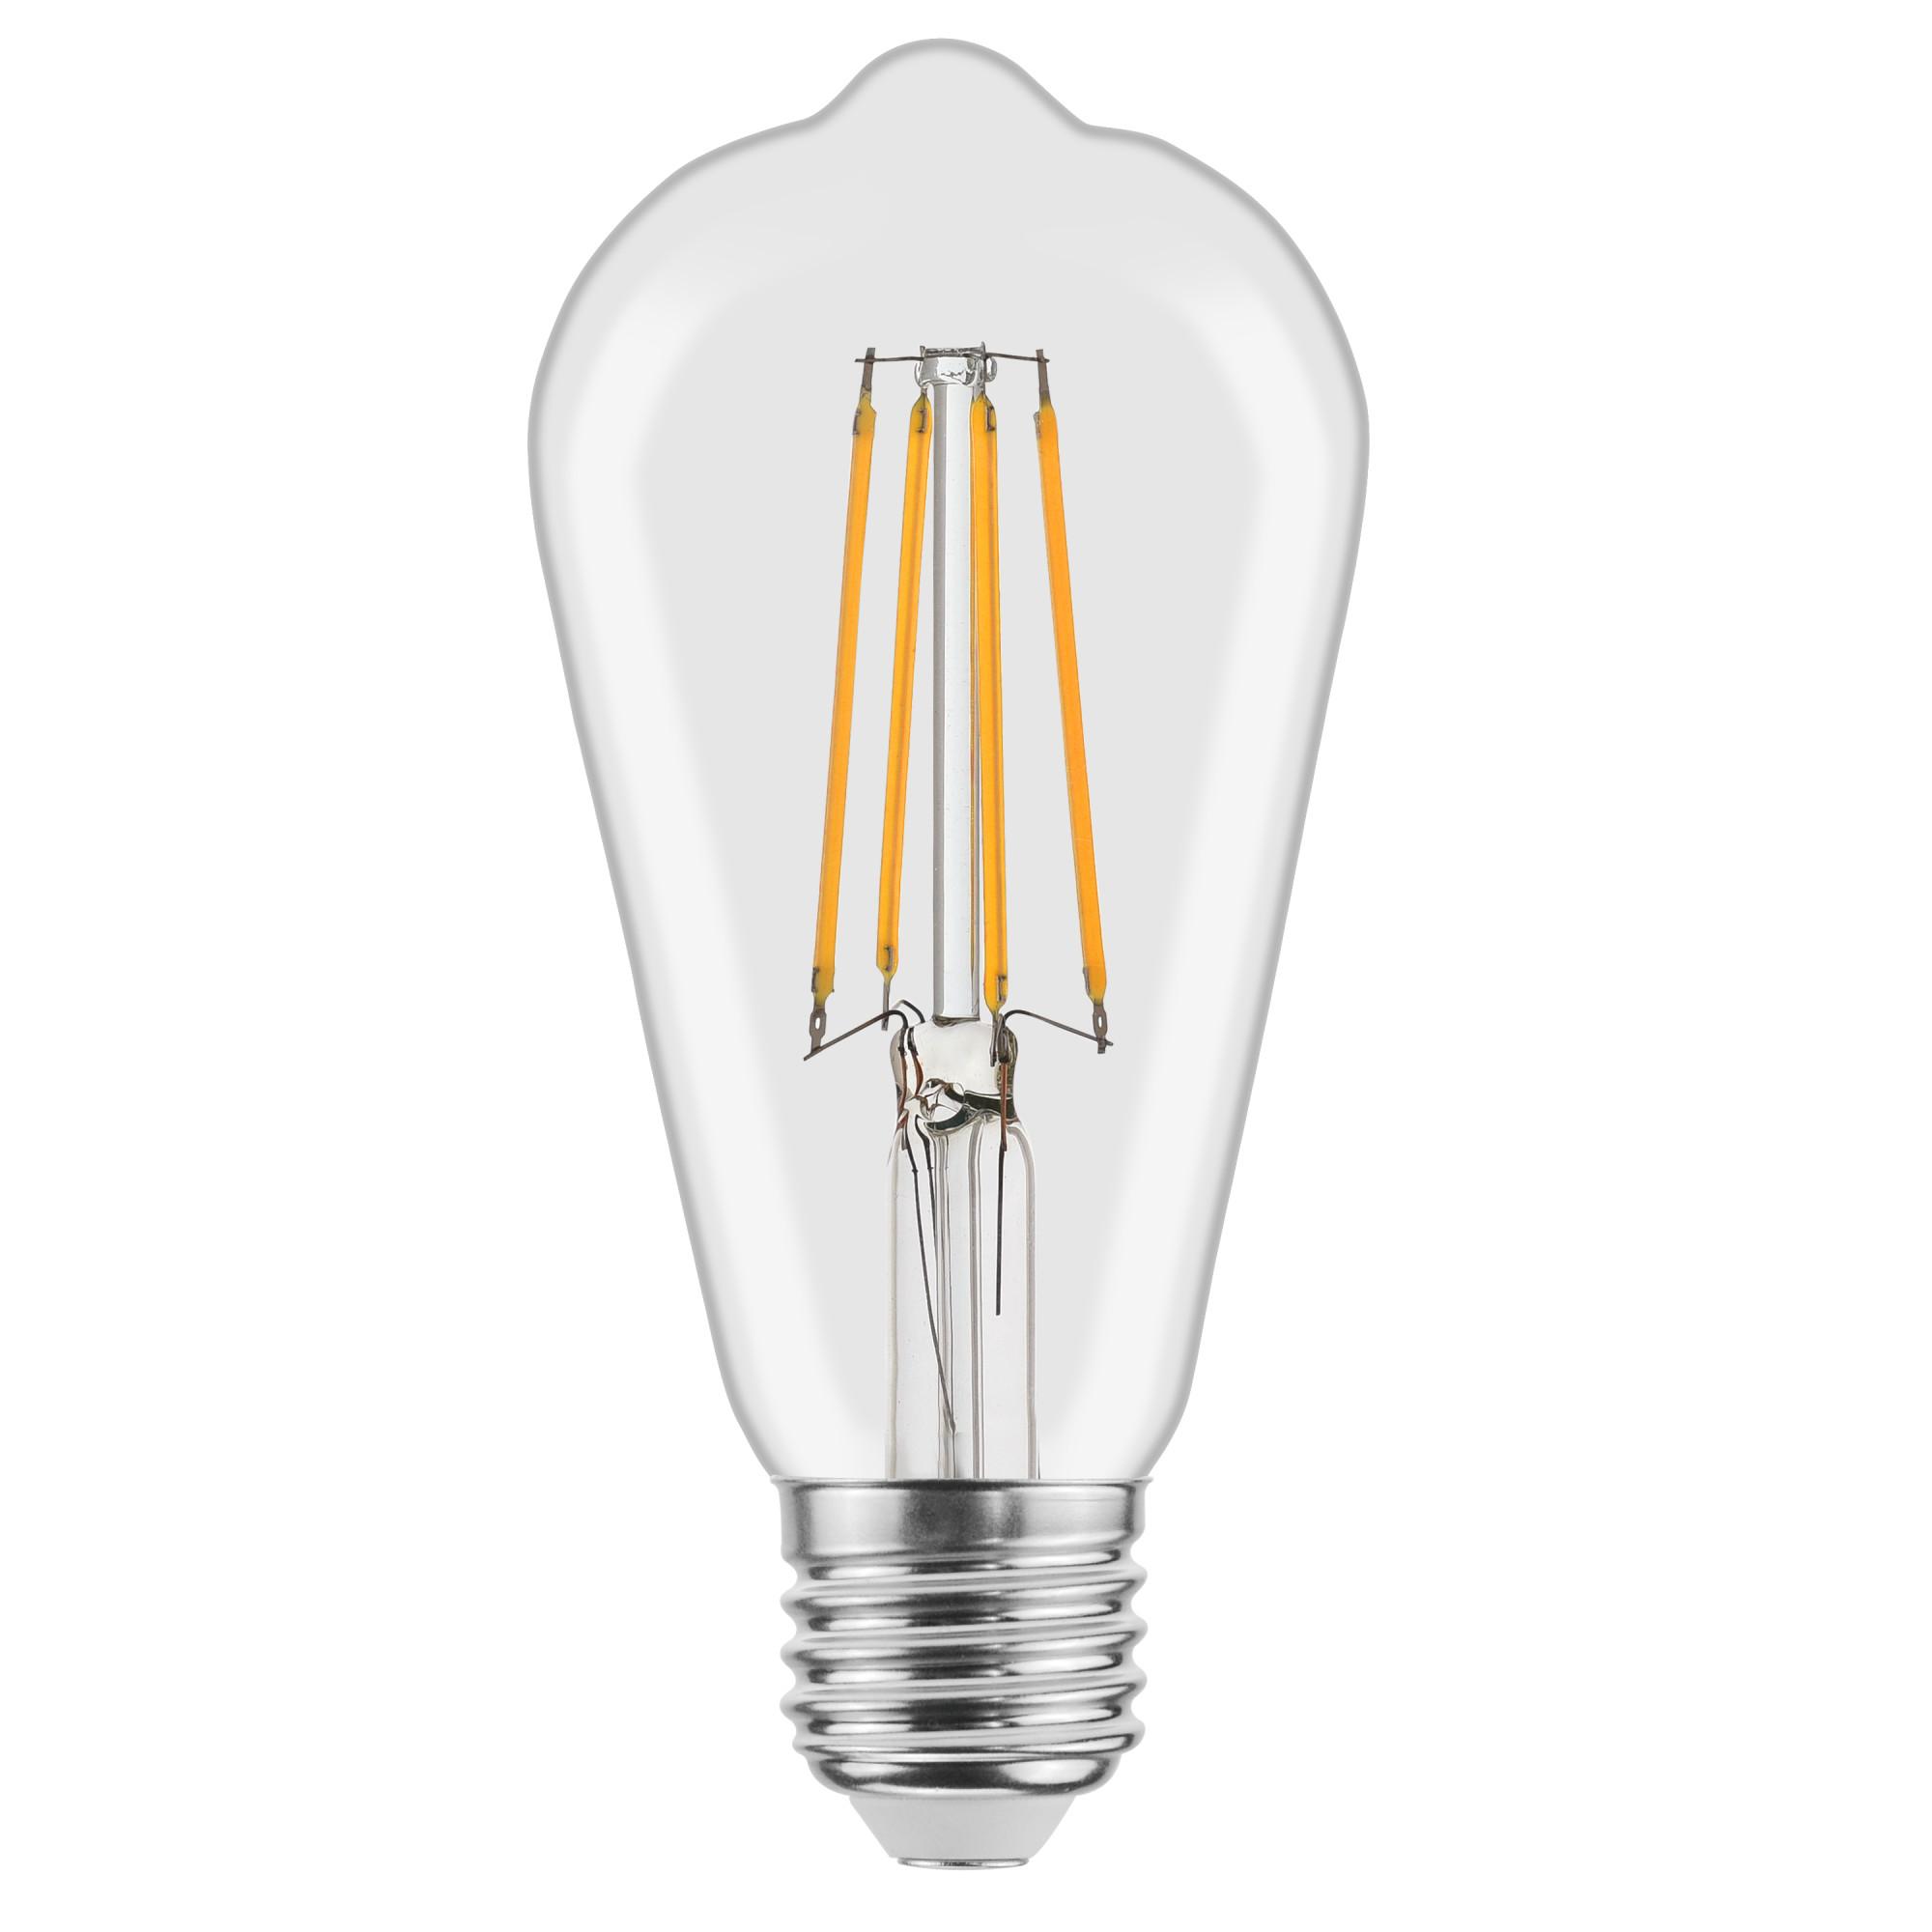 Лампа светодиодная филаментная Lexman E27 220 В 4.5 Вт груша прозрачная 470 лм тёплый белый свет